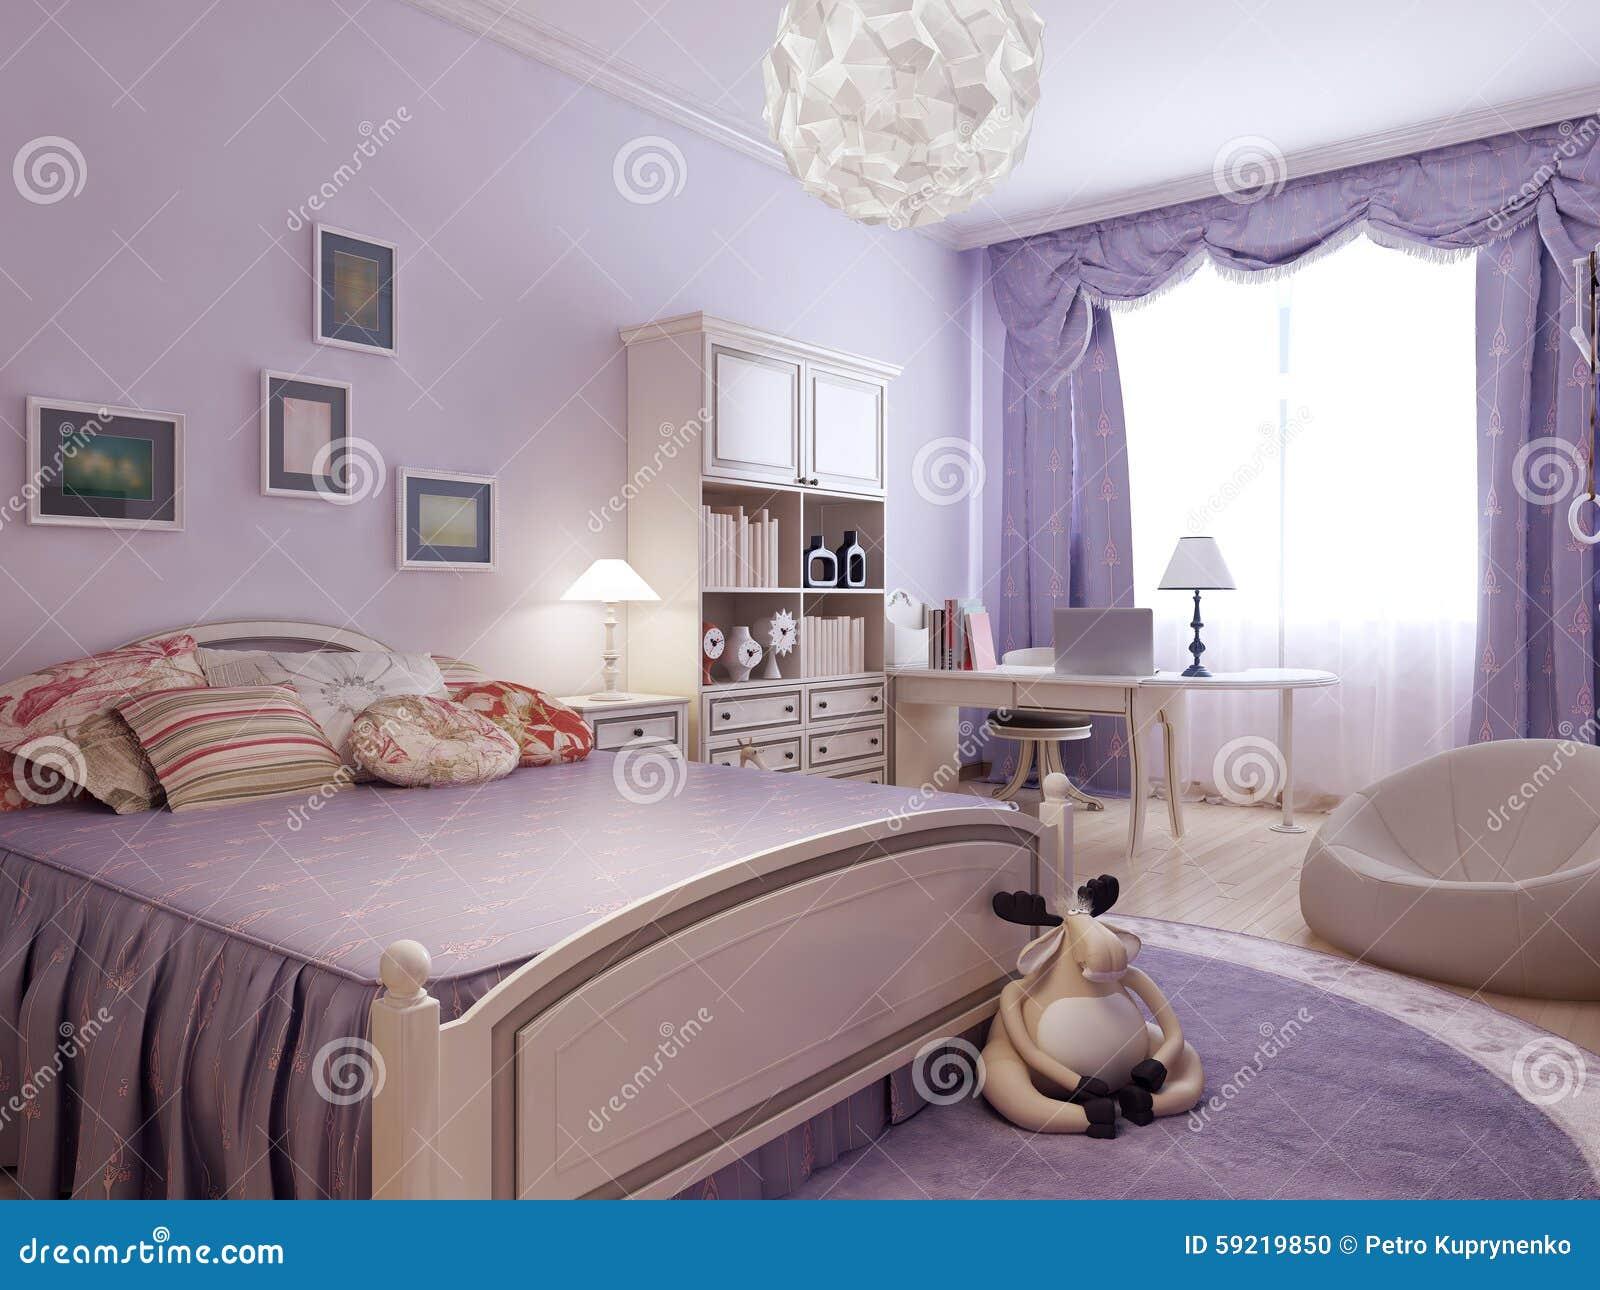 Camere da letto prezioso casa - Camere da letto per teenager ...